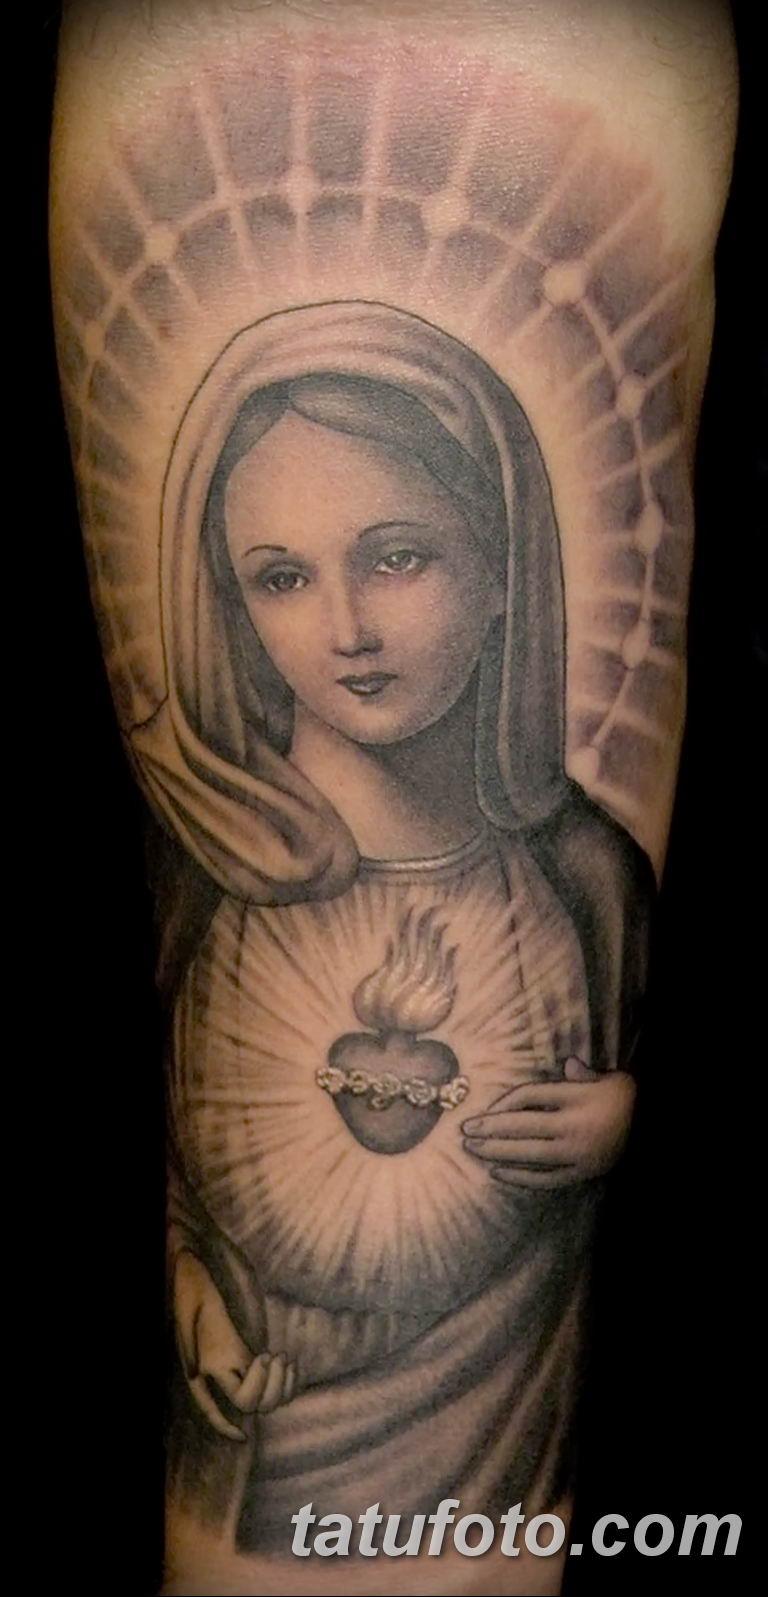 Фото тату икона святого 29.06.2019 №134 - tattoo icon of saint - tatufoto.com